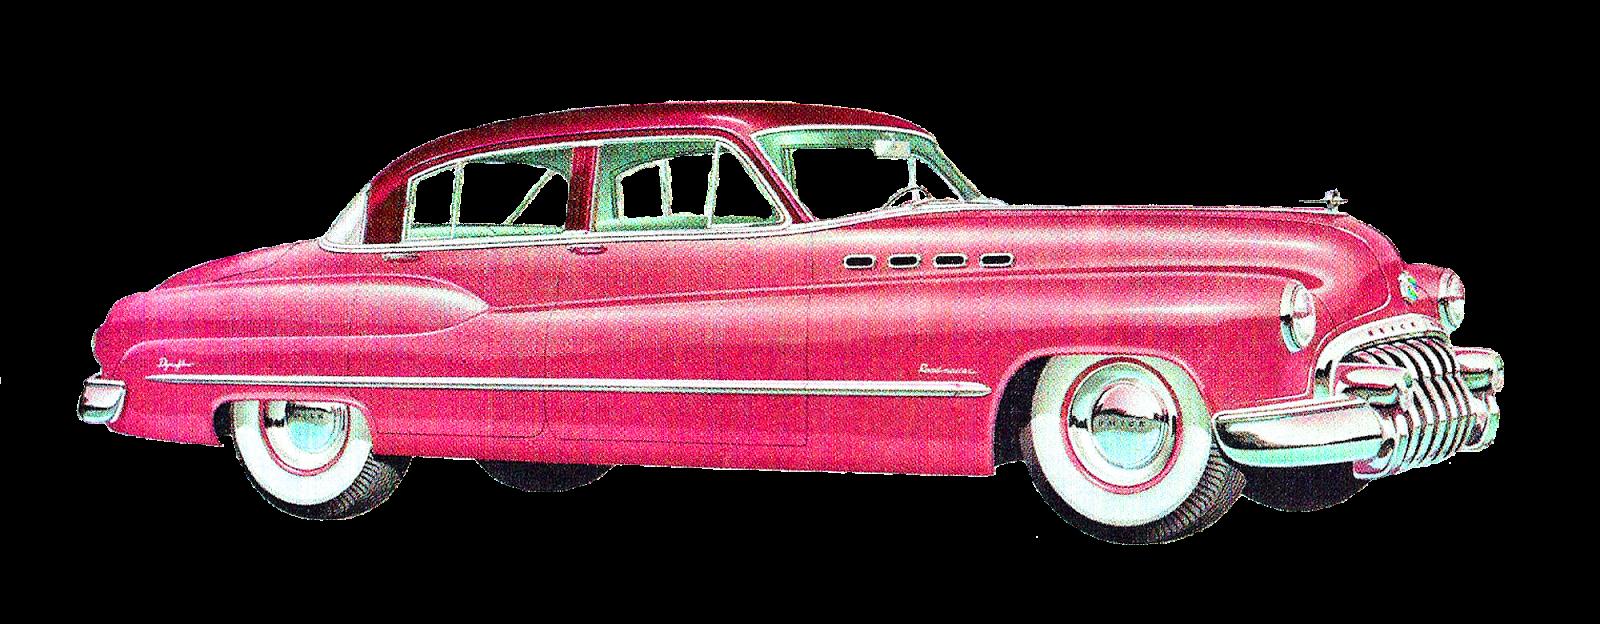 Antique Images: Vintage Old Car Artwork Illustrations Buick Dodge ...